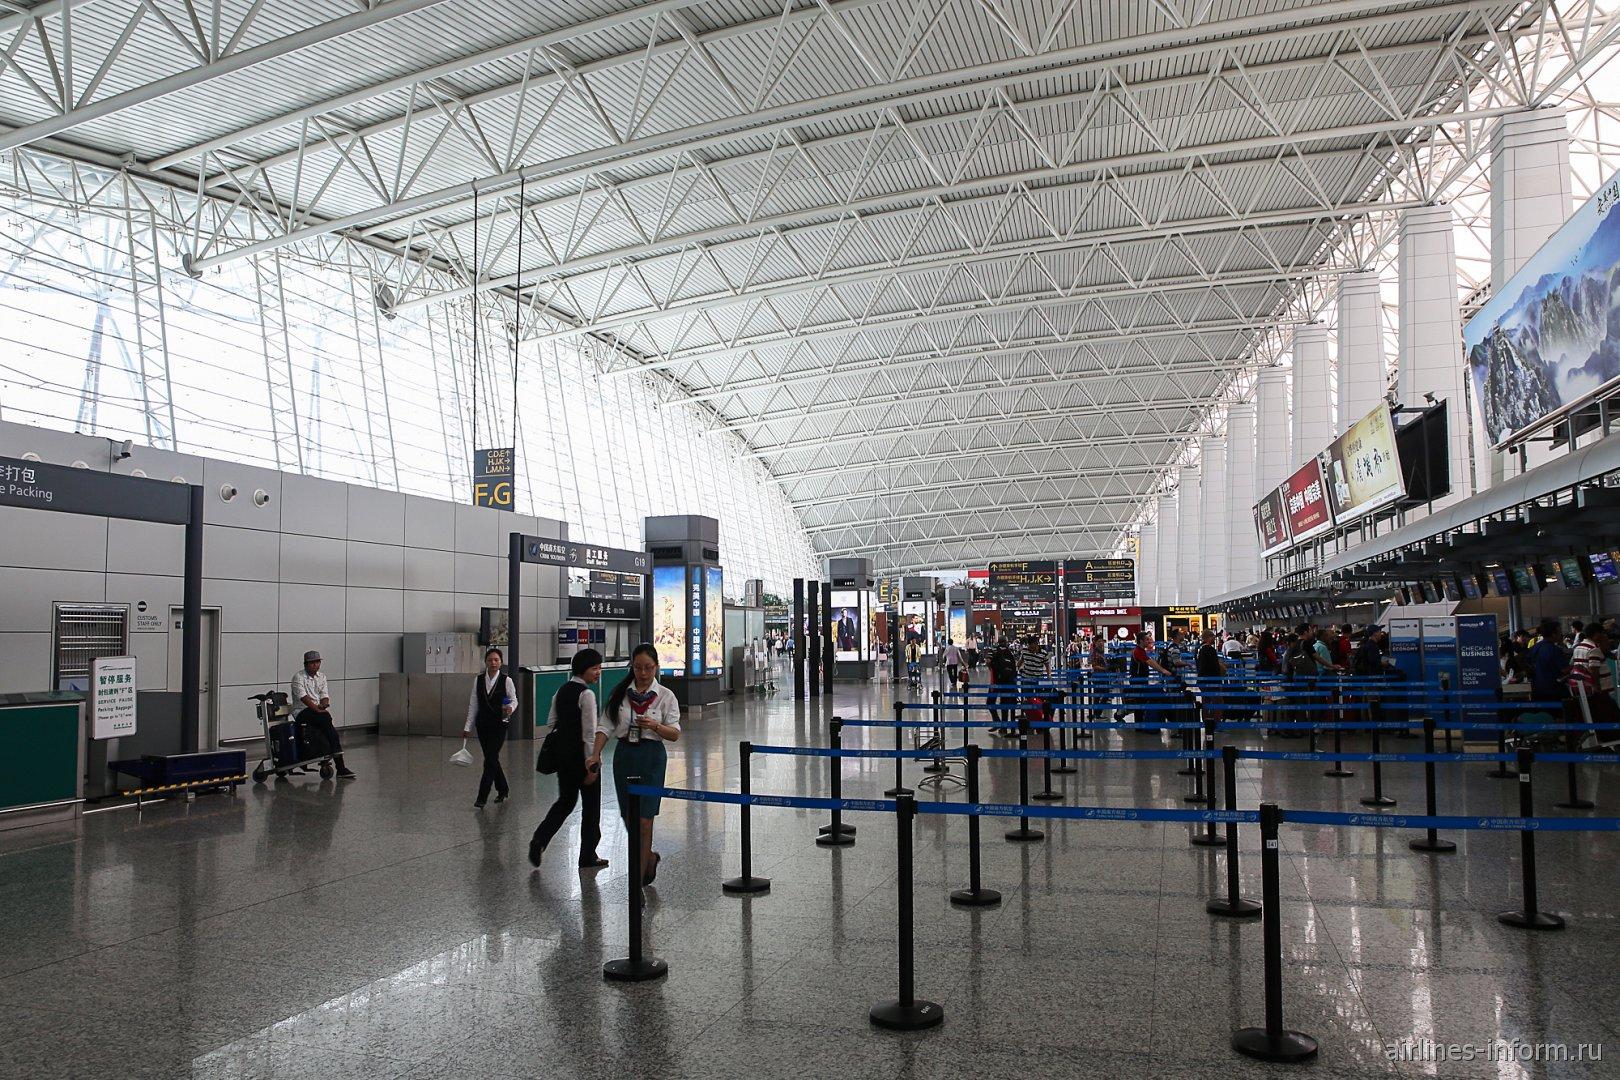 В пассажирском терминале аэропорта Гуанчжоу Байюнь